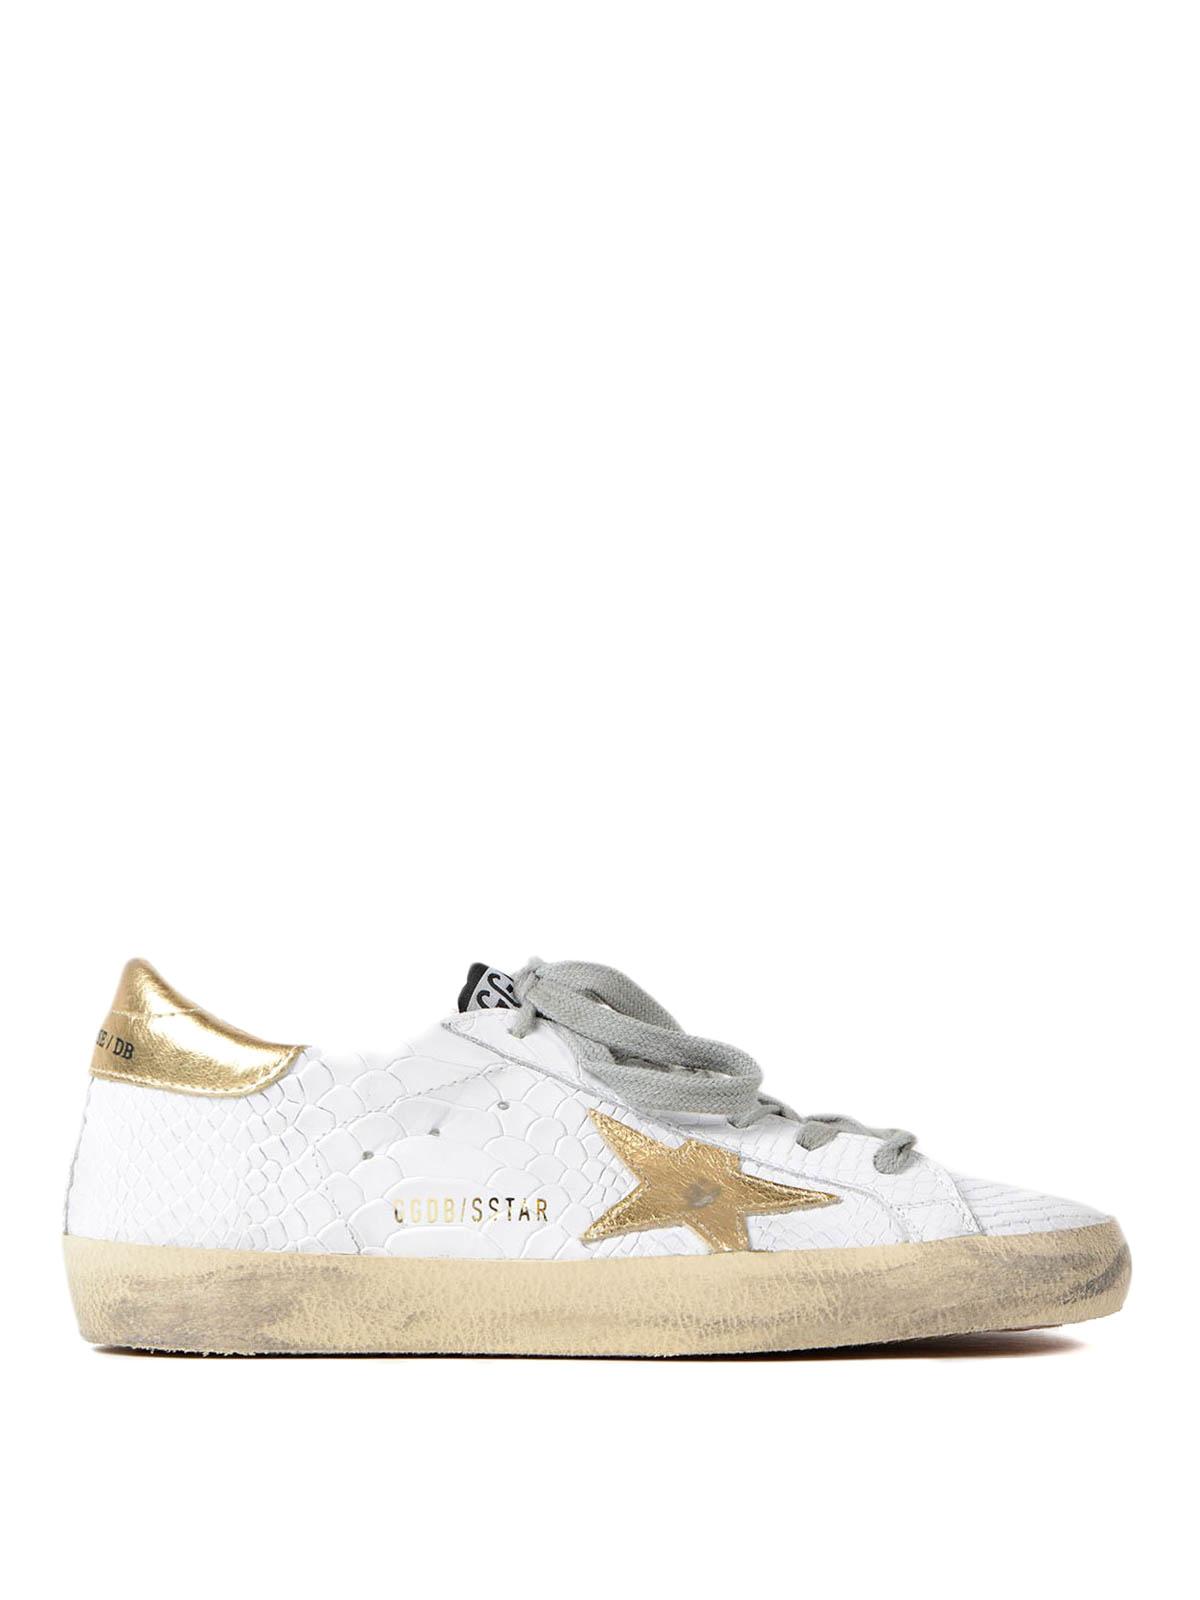 golden goose superstar snake print sneakers trainers g32ws590d88. Black Bedroom Furniture Sets. Home Design Ideas